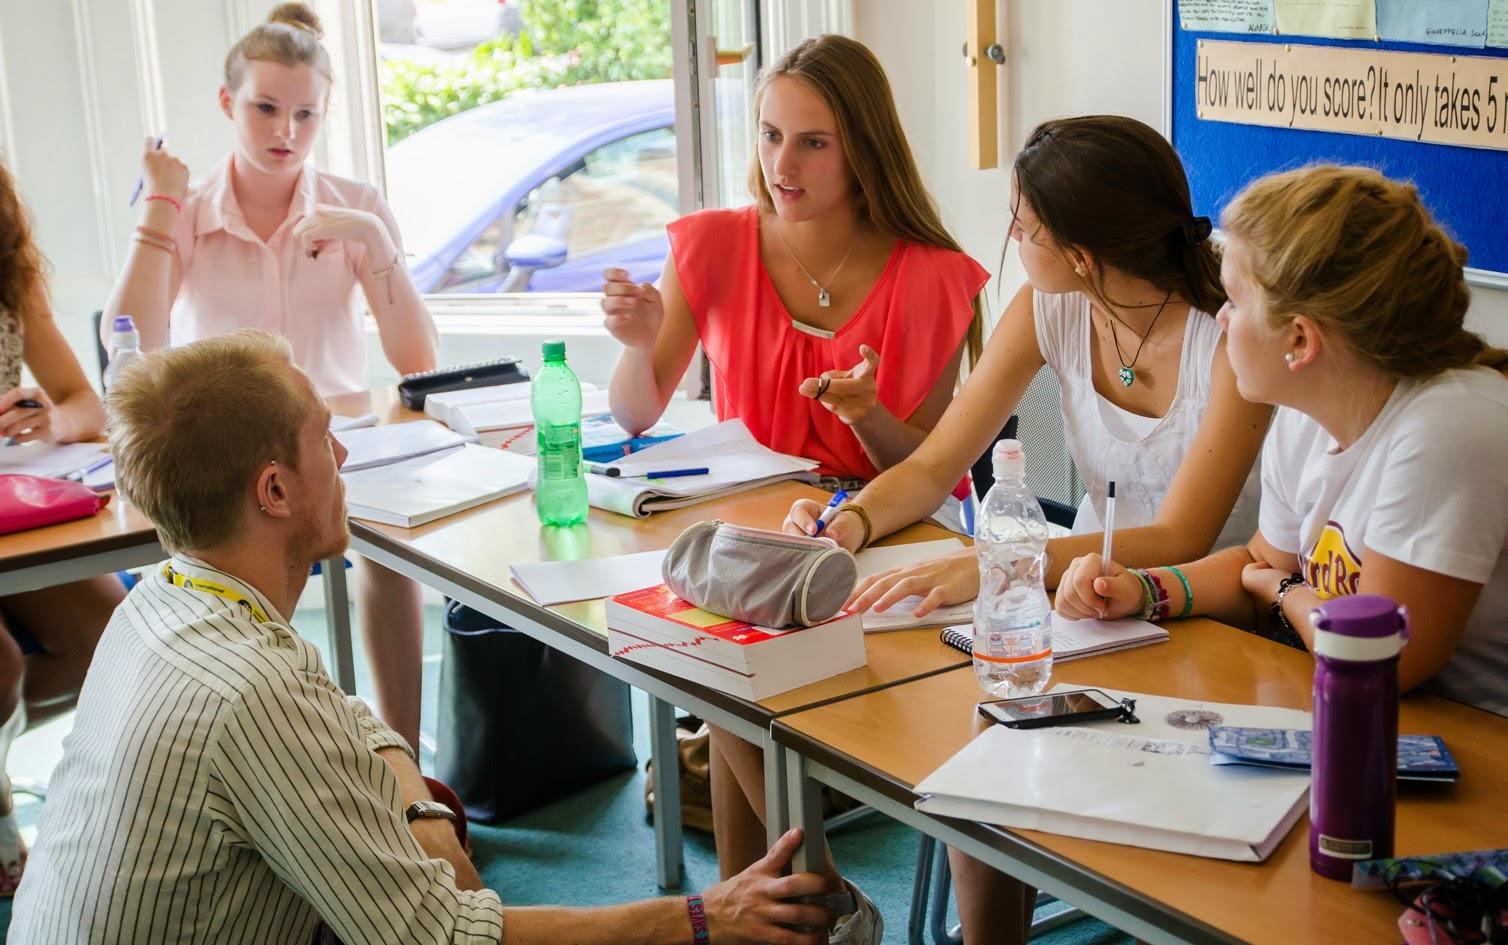 Cần cân nhắc thật kỹ trước khi lựa chọn theo học một trung tâm anh ngữ